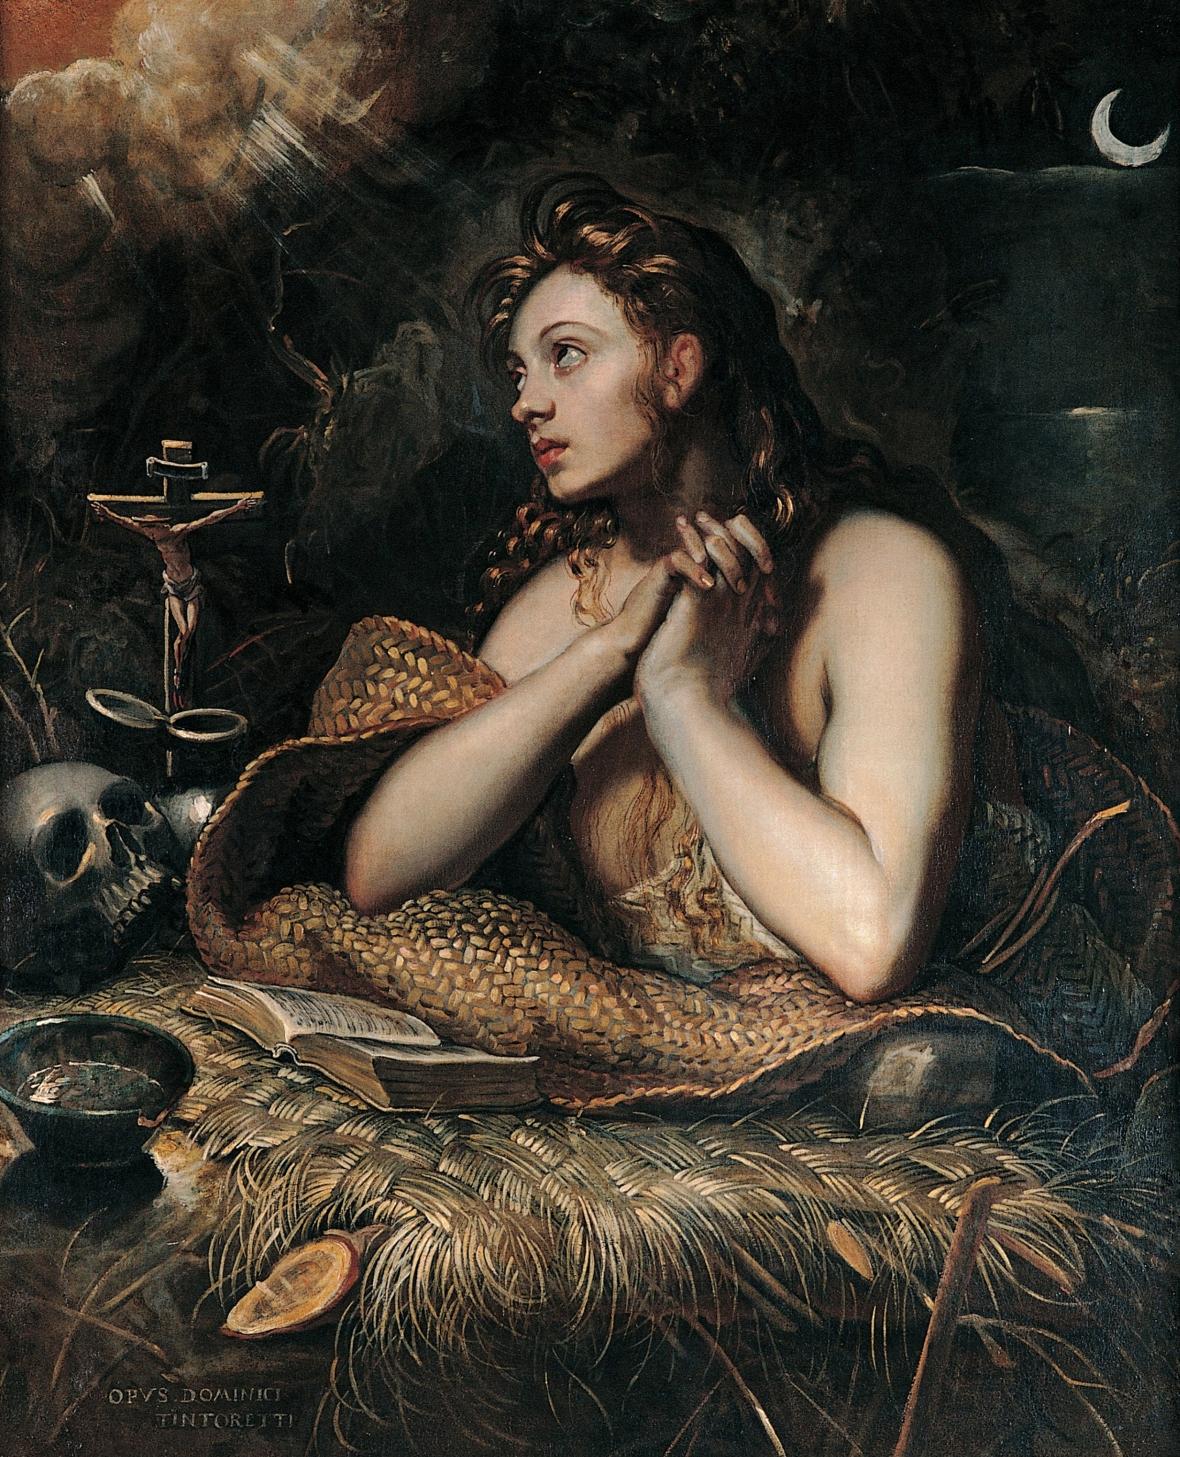 TINTORETTO - Magdalena penitente (Musei Capitolini, Roma, 1598-1602) - https://commons.wikimedia.org/wiki/File:TINTORETTO_-_Magdalena_penitente_(Musei_Capitolini,_Roma,_1598-1602)_-_copia.jpg